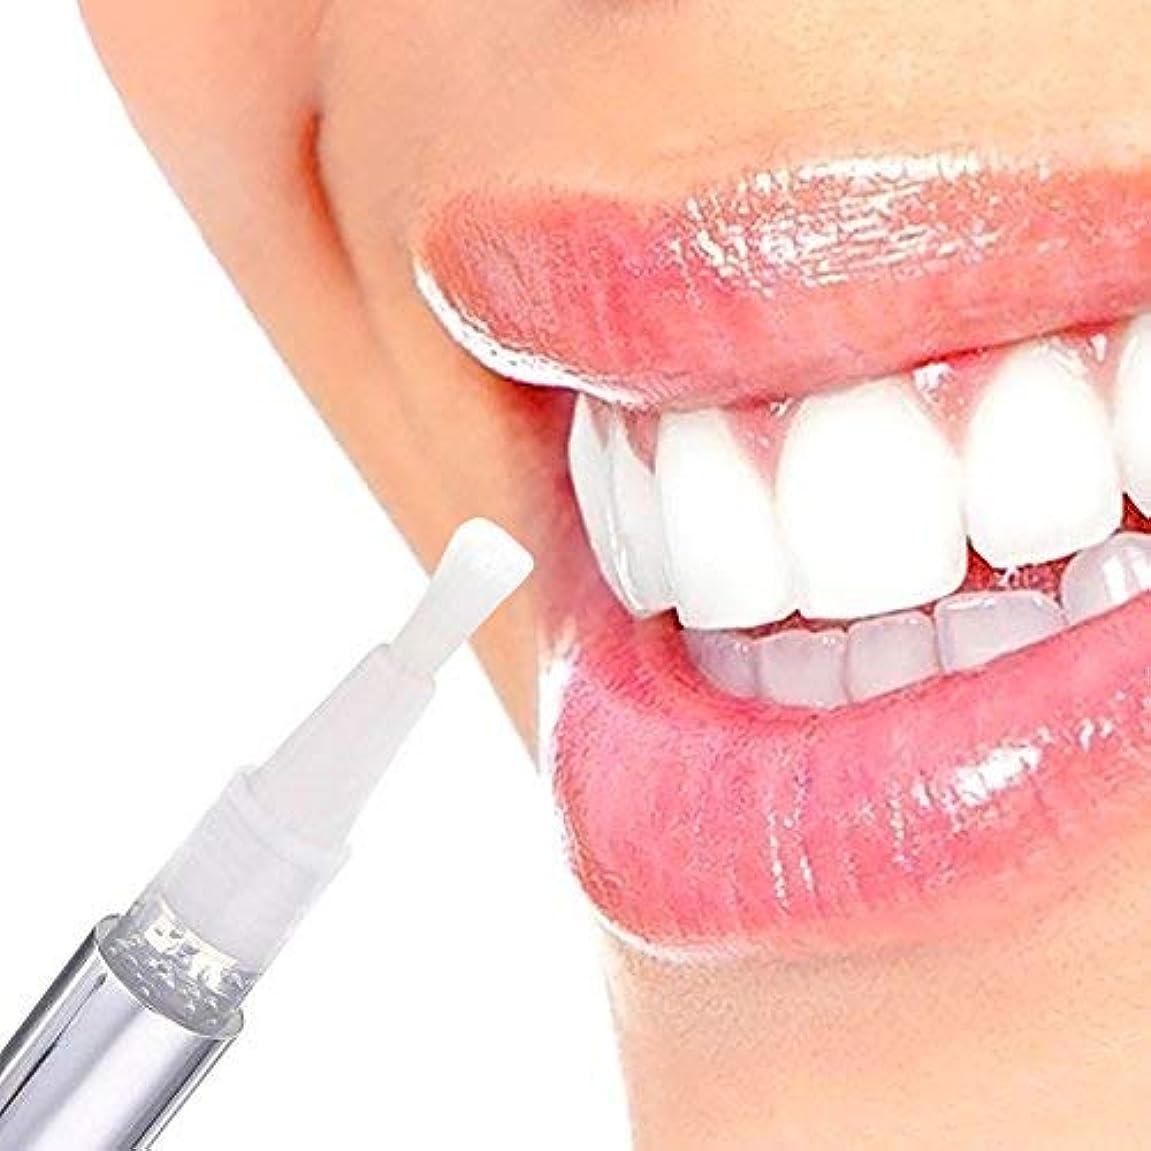 連続的サンダーアマゾンジャングルNat 1PCS Hot Creative Effective Teeth Whitening Pen Tooth Gel Whitener Bleach Stain Eraser Sexy Celebrity Smile...